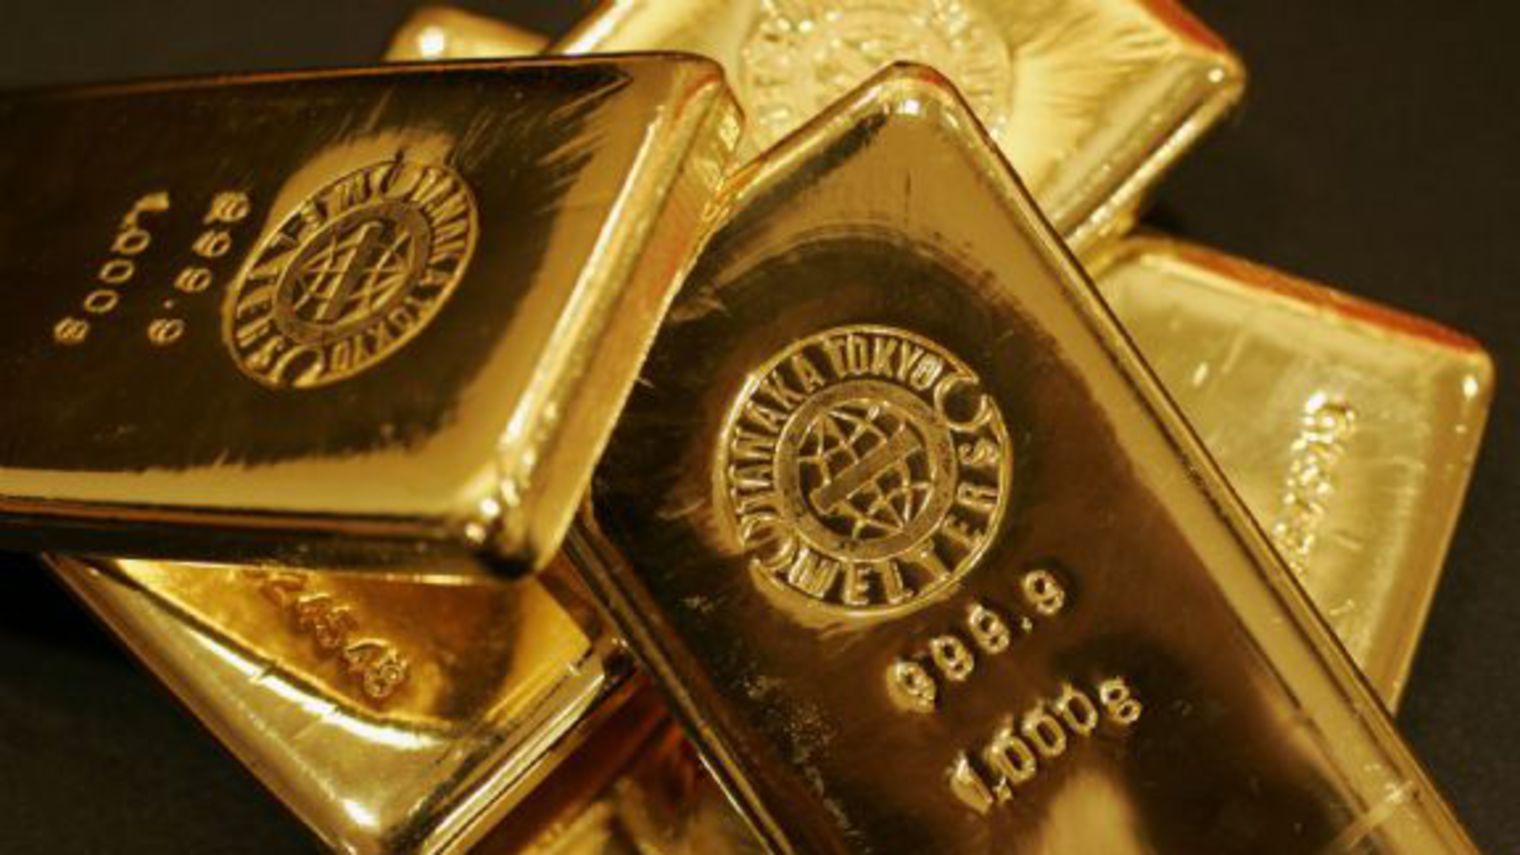 Prix lingot or, une adresse de qualité à découvrir